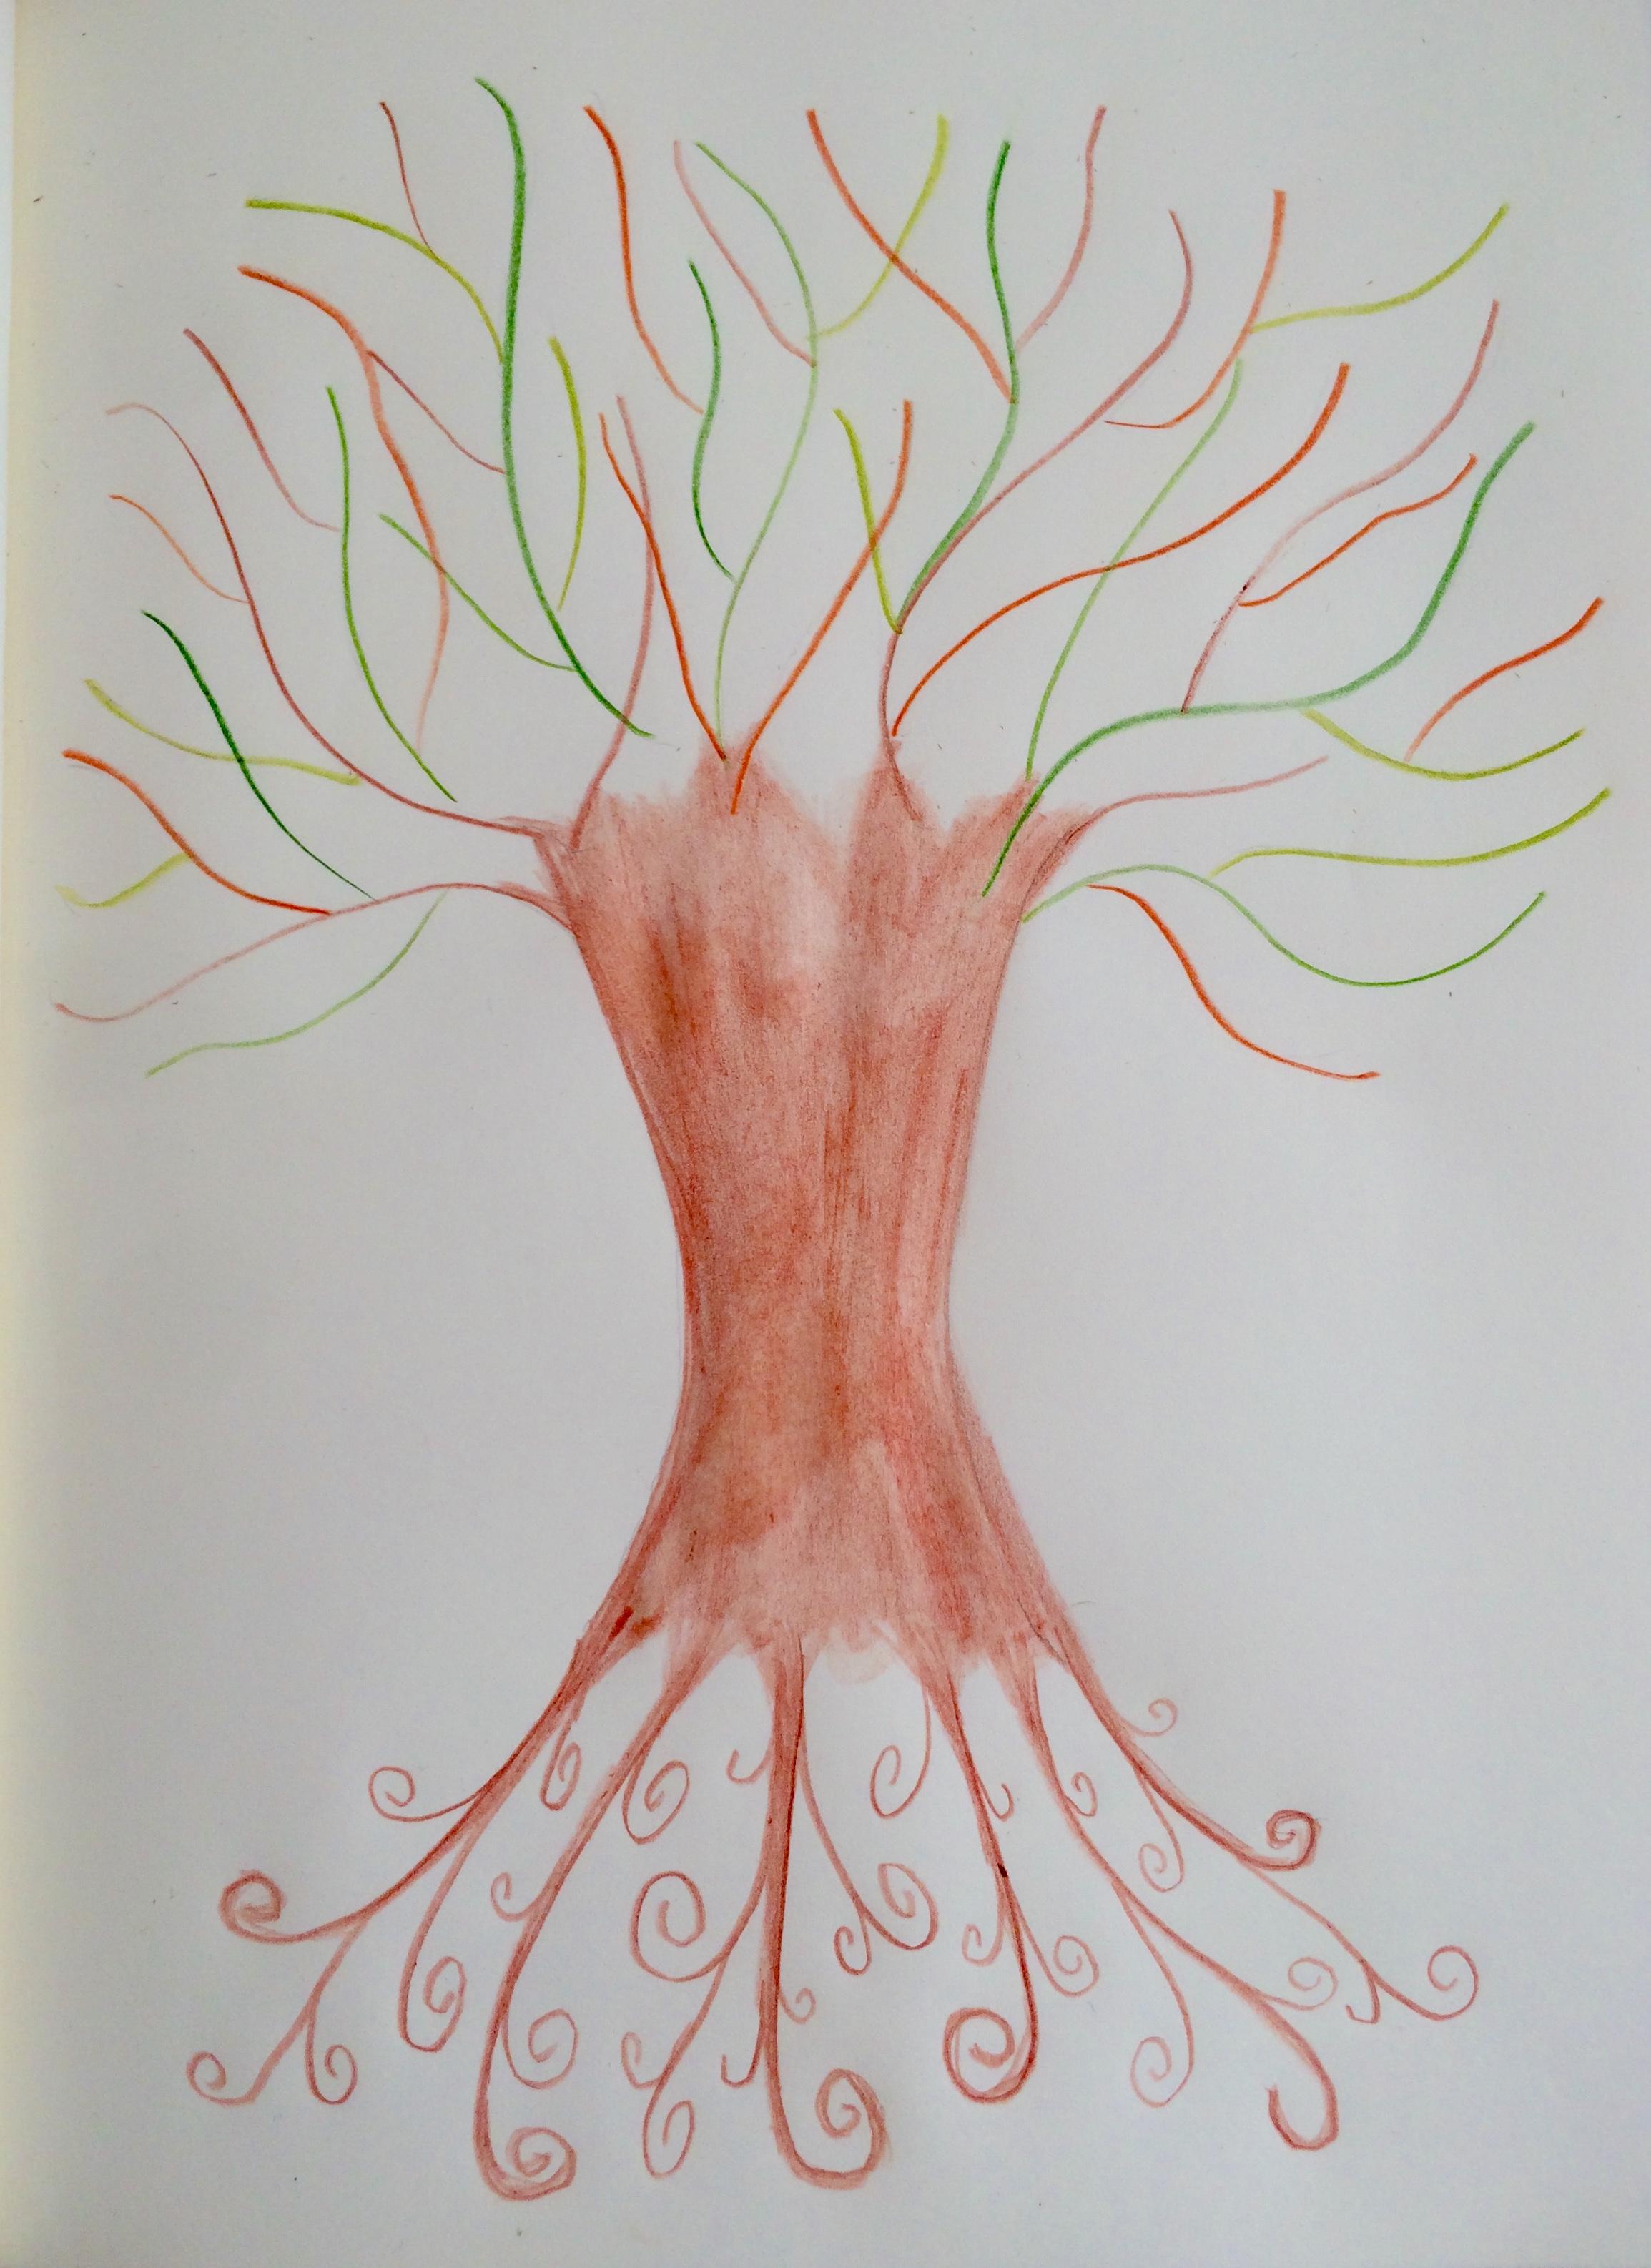 Potenciando nuestra autoestima: el Árbol de los Logros